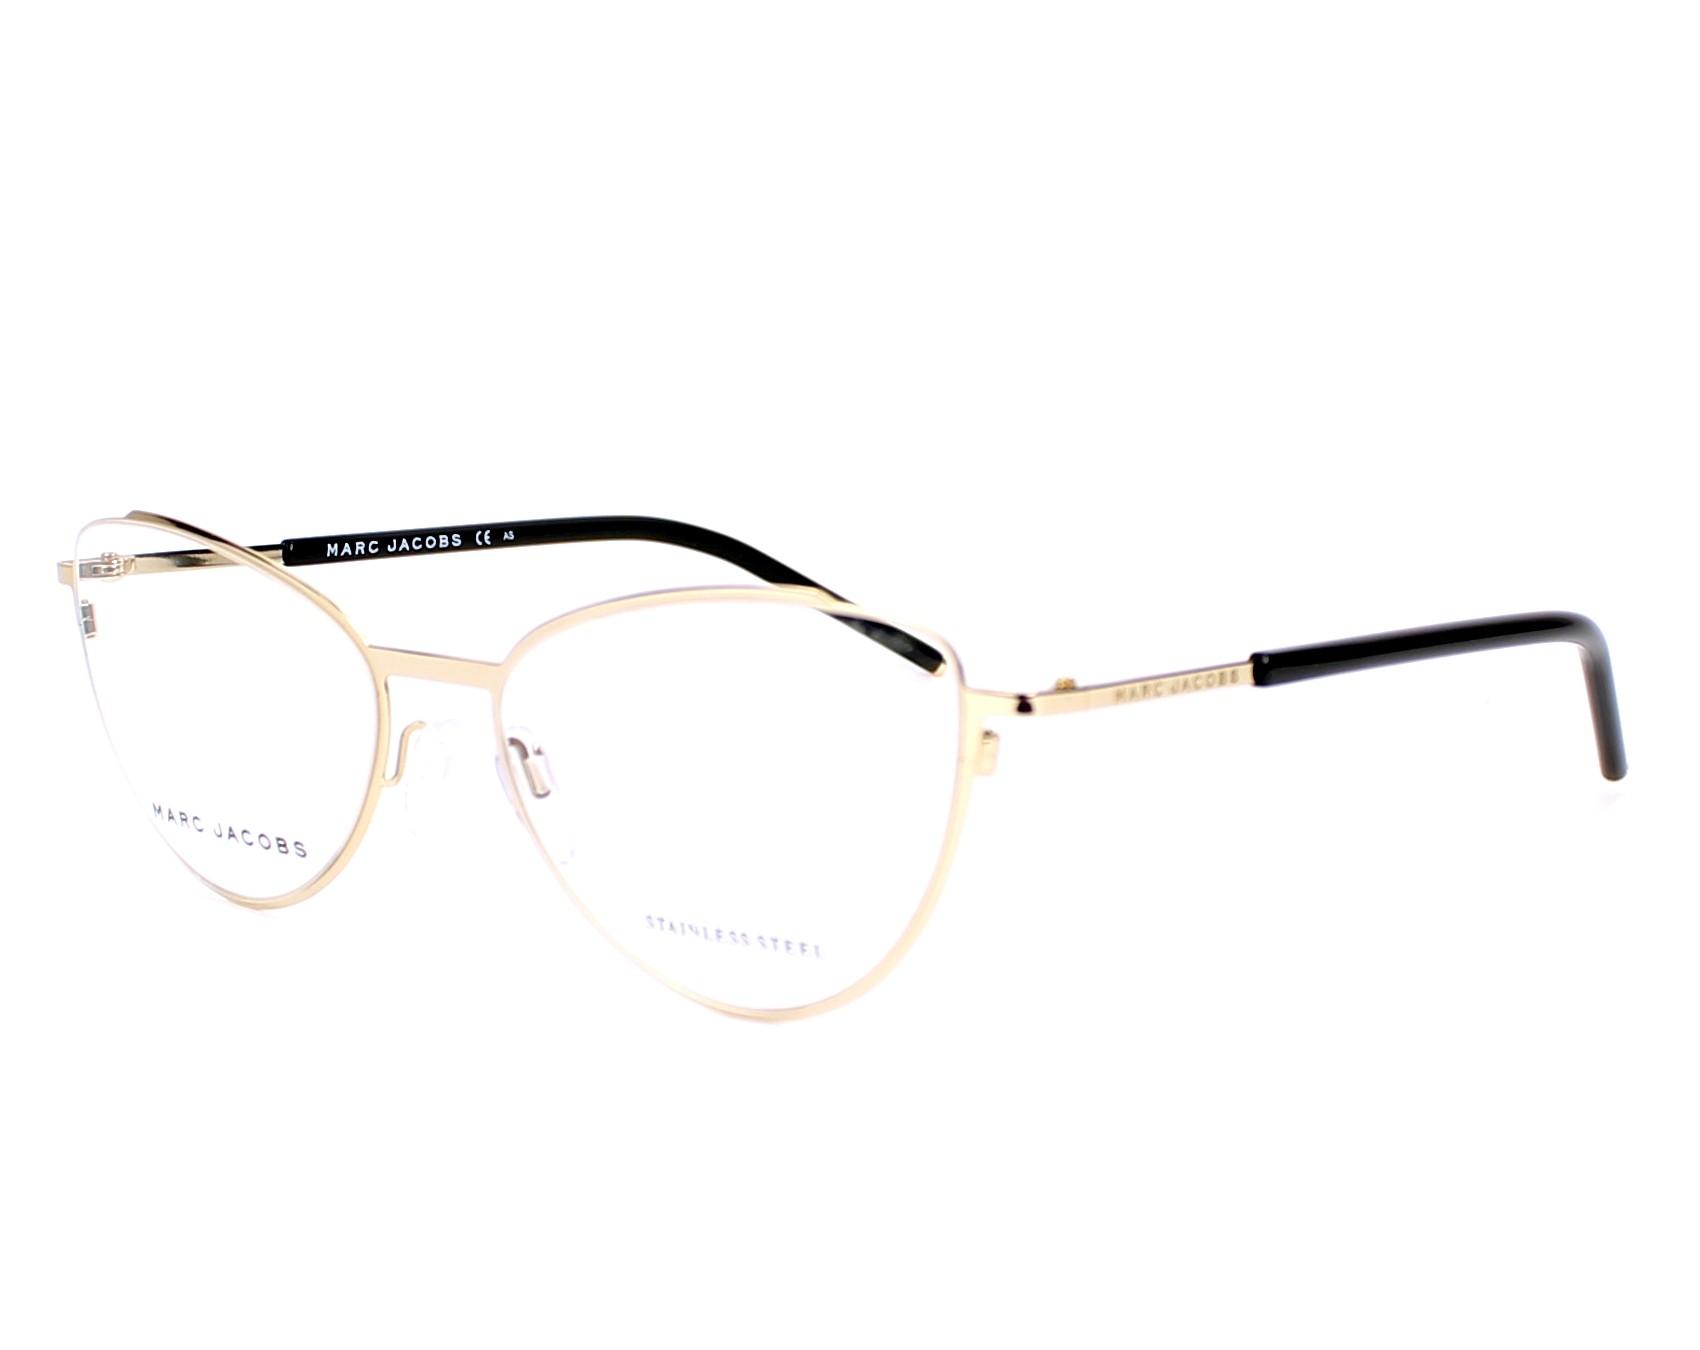 lunettes de vue marc jacobs marc 40 rhl or. Black Bedroom Furniture Sets. Home Design Ideas